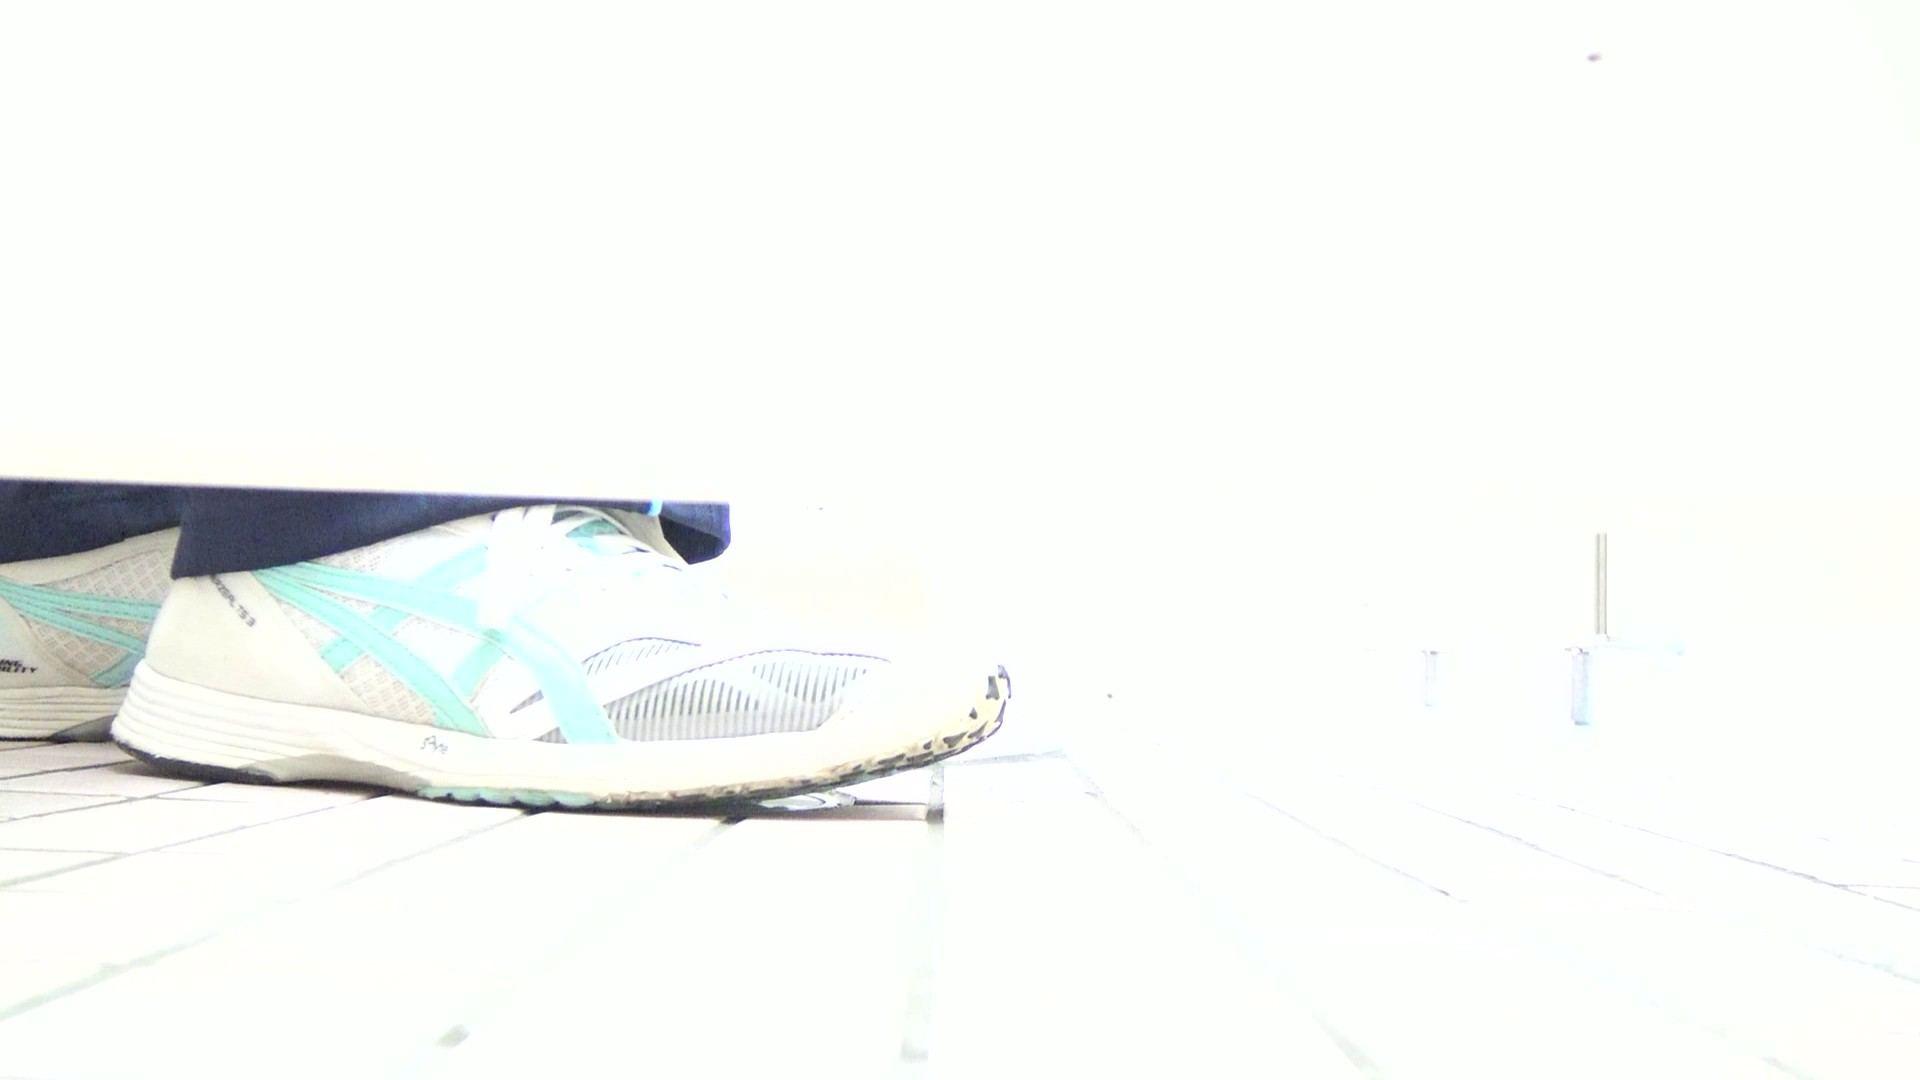 無料アダルト動画:▲期間限定D▲至高洗面所盗撮 17 極上体育館2カメ撮りヤバヤバ!!:怪盗ジョーカー